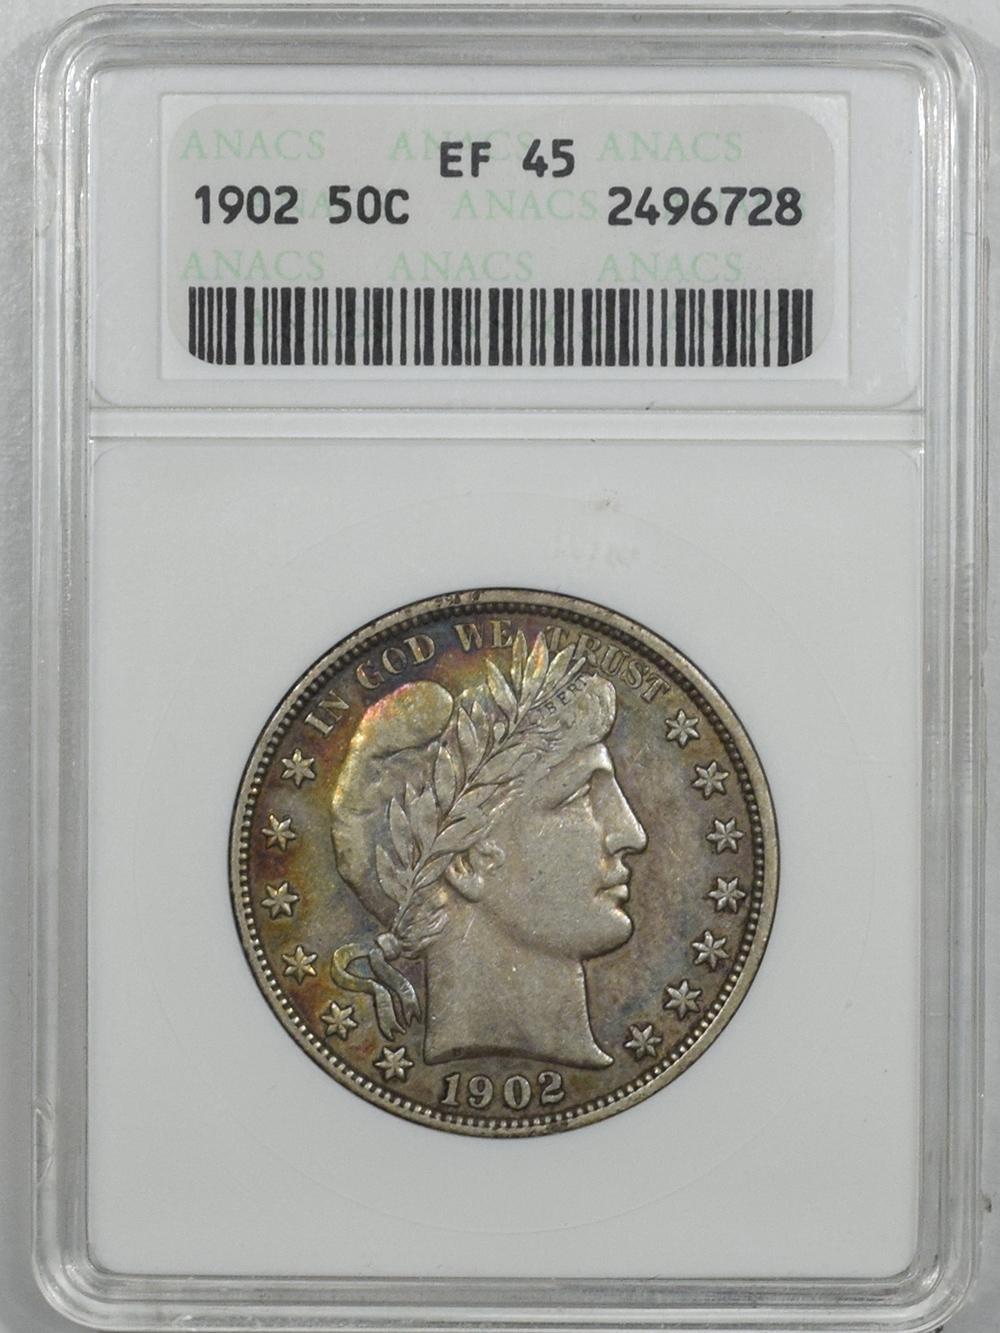 1902 dollar coin